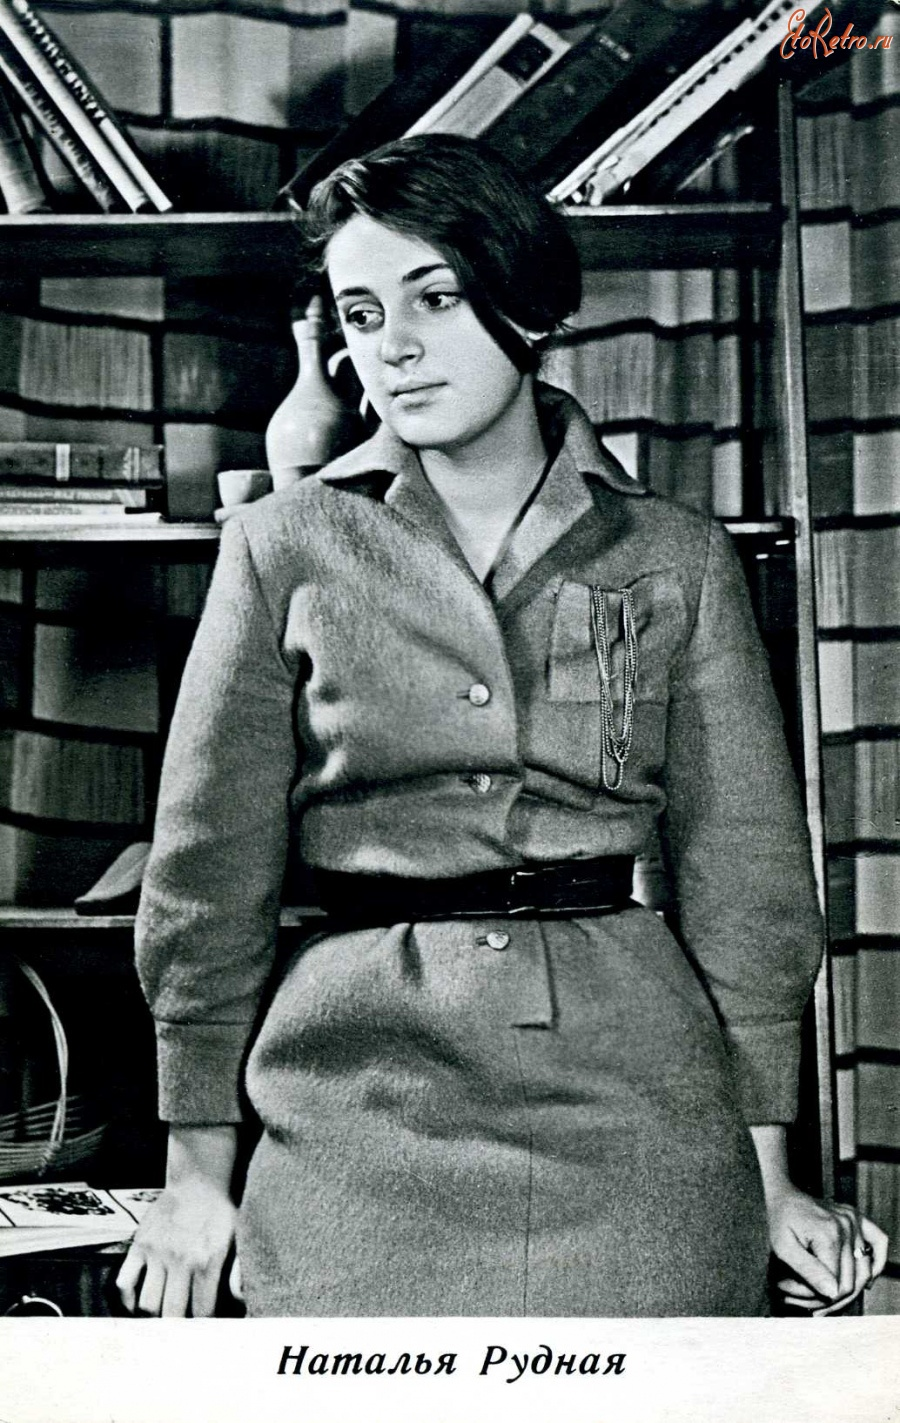 первую актриса наталья рудная фото табличка профилем